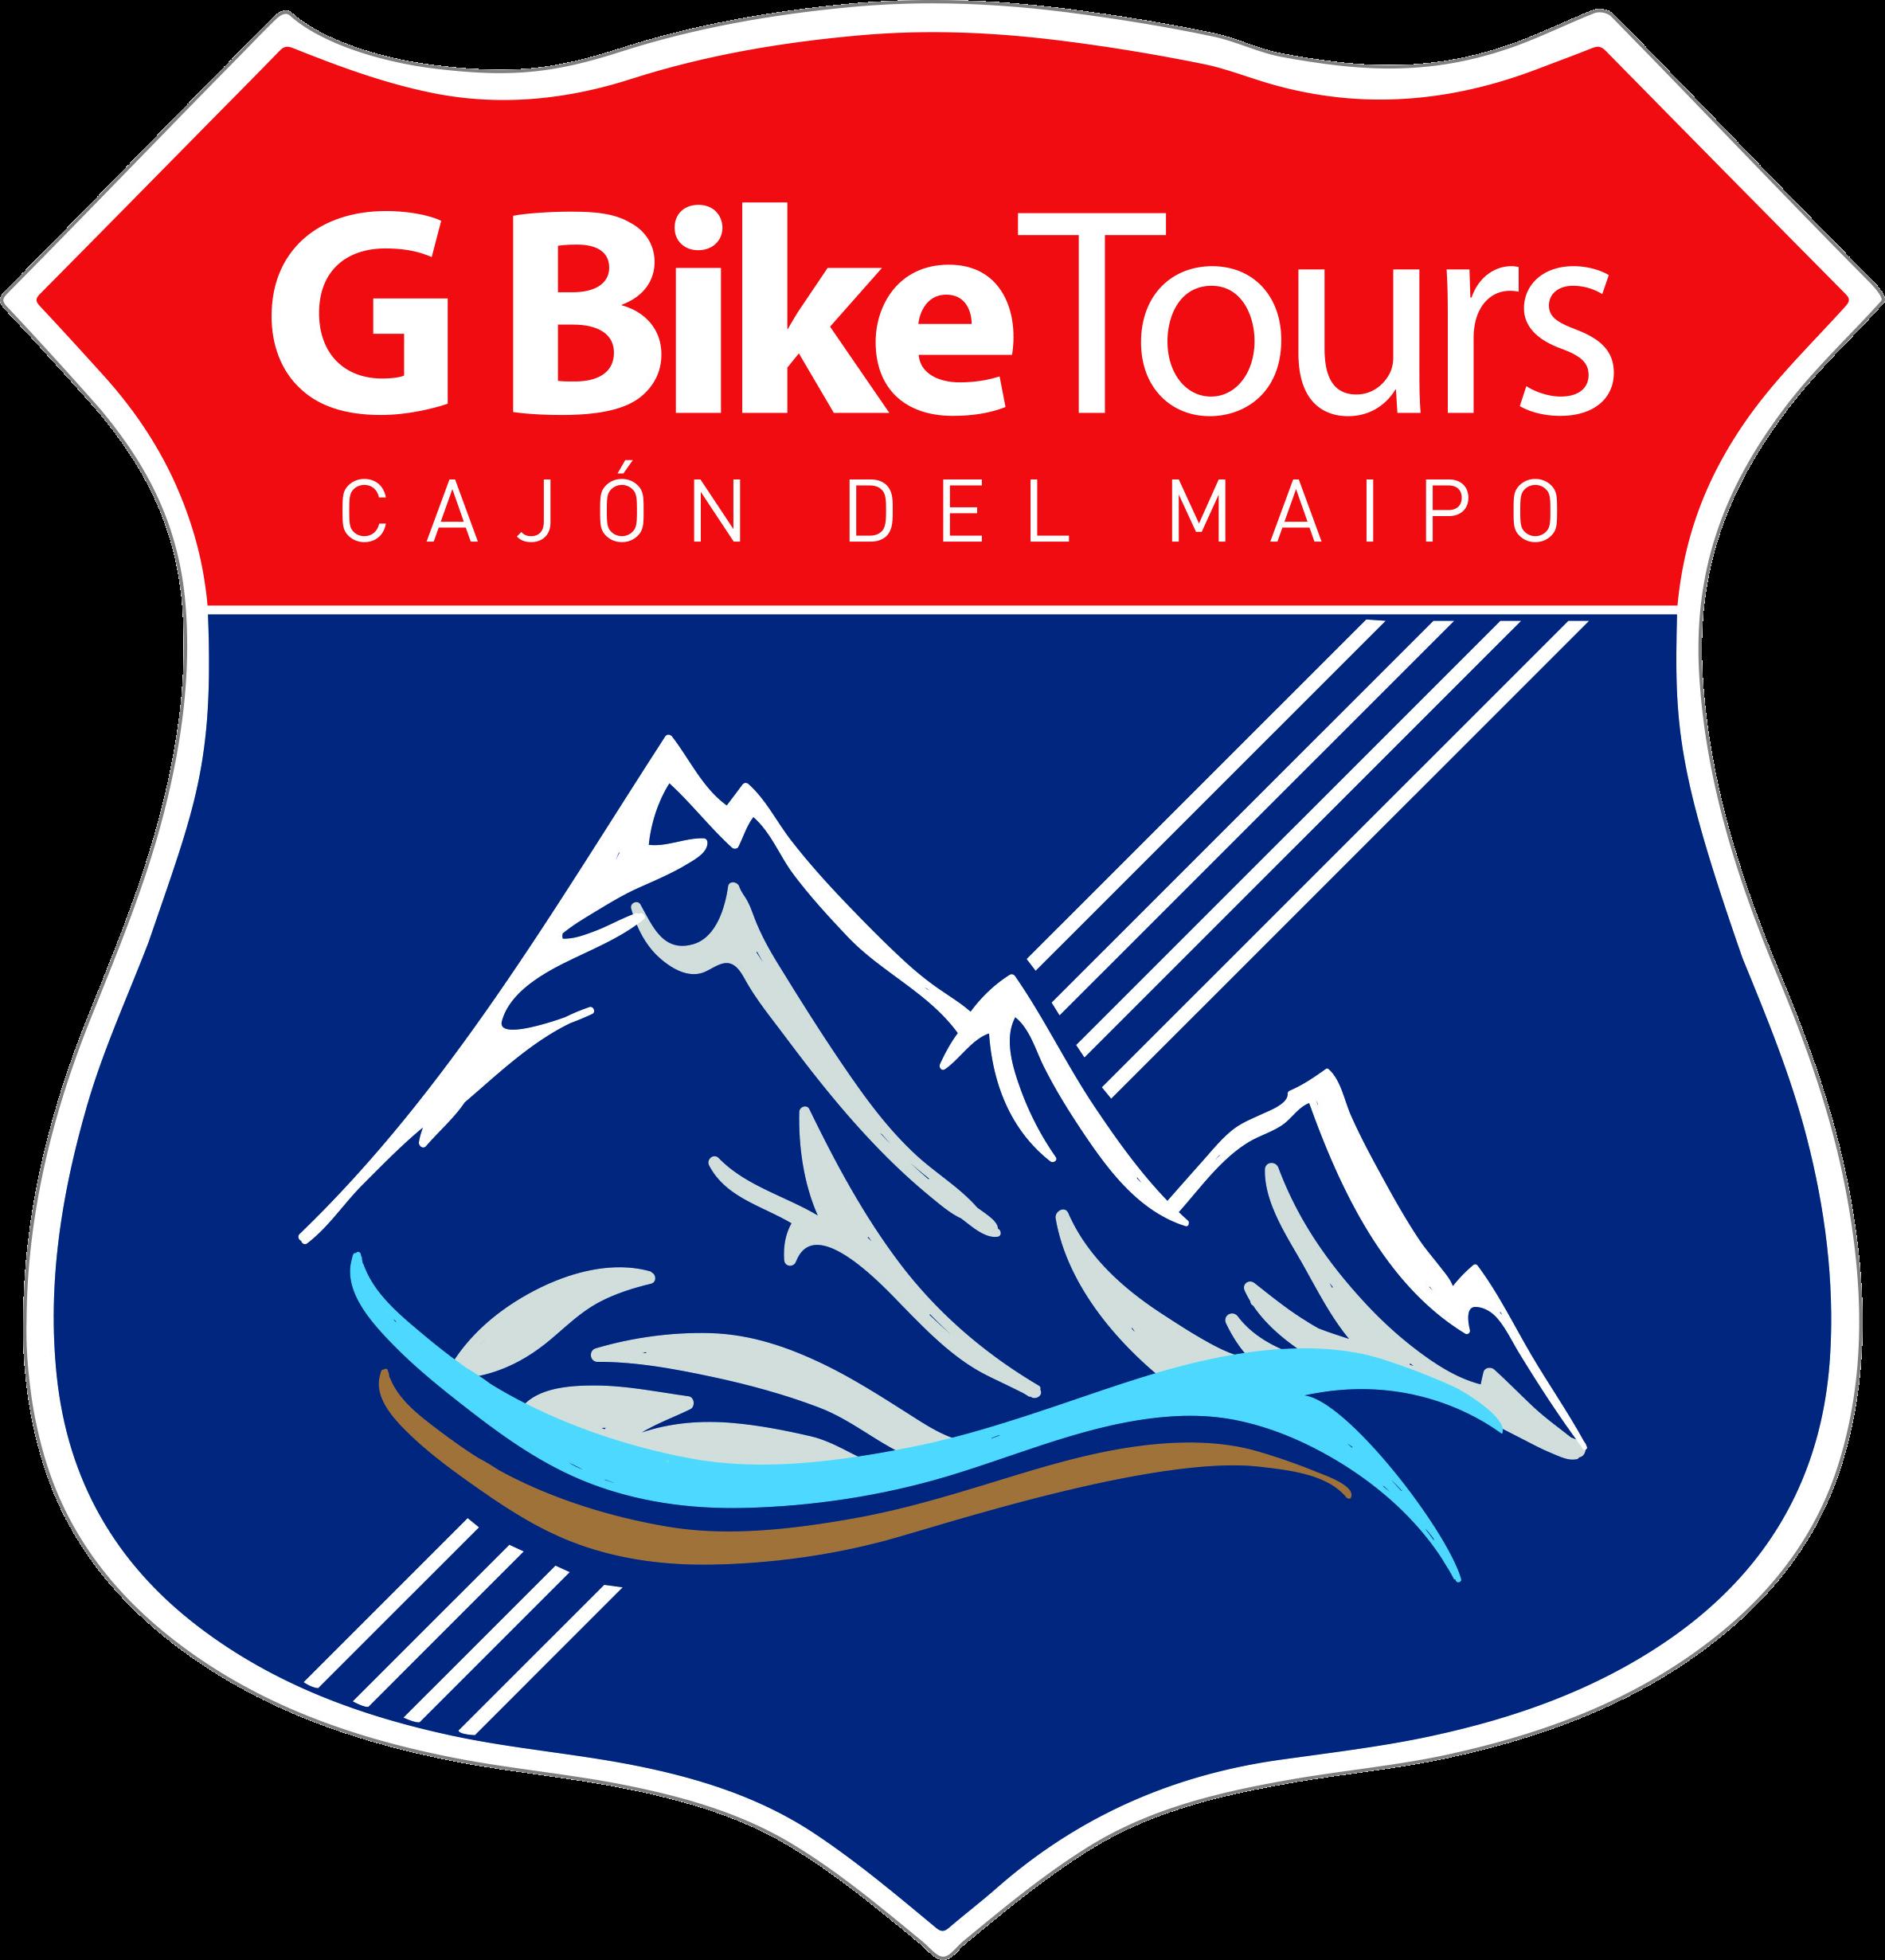 G Bike Tours Logo fondo transparente